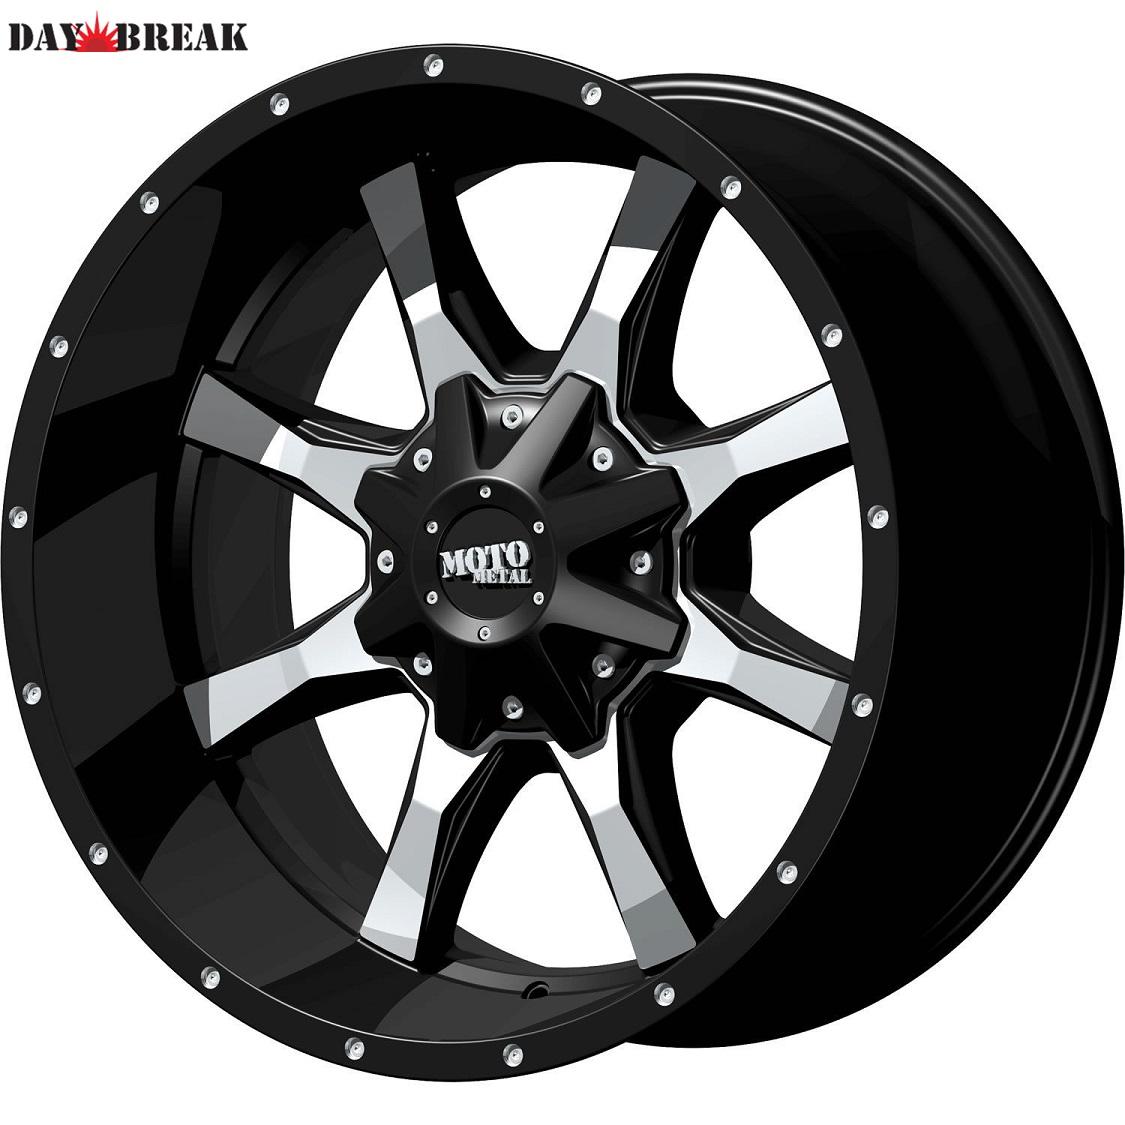 20x9 Black MO970 5x150 +18 Open Country RT 33X12.50R20LT Tires 33インチタイヤ 20インチホイール セット[2007~タンドラ][2008~セコイア][ランクル200][アメ車][逆輸入車][デイブレイク]